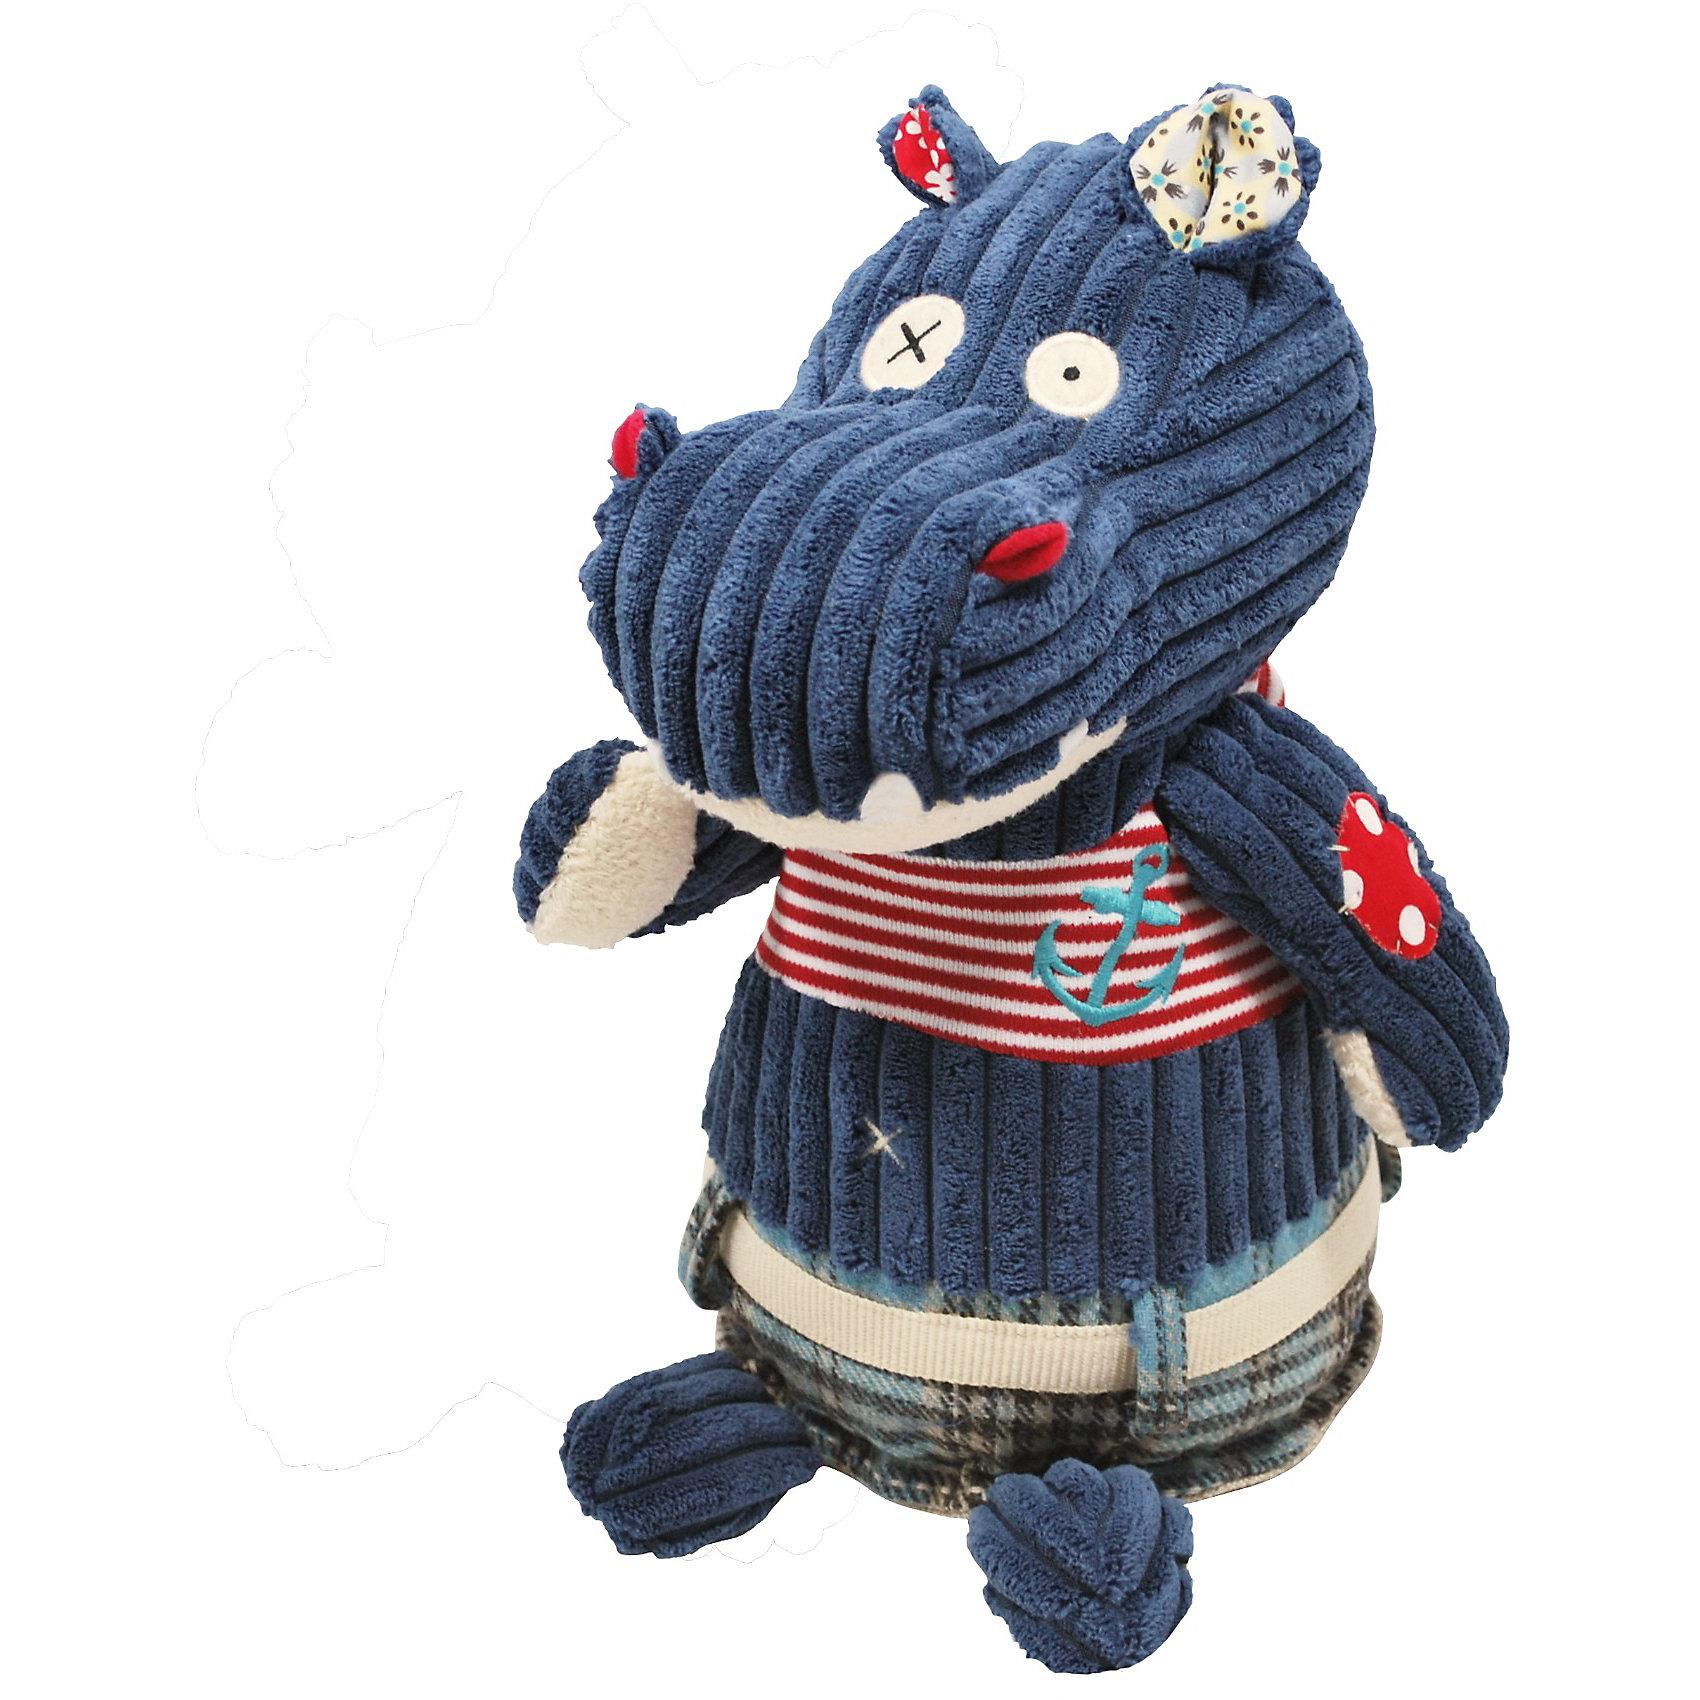 Бегемотик Hippipos Original, DEGLINGOSЗвери и птицы<br>Бегемотик Hippipos Original, DEGLINGOS (Хиппипос Ориджинал, Деглингос) – мягкая дизайнерская игрушка французского бренда Deglingos. <br><br>Бегемотик с заплатками - милый и приятный на ощупь, обязательно влюбит в себя с первого взгляда и ребенка и взрослого. Бегемотик Hippipos – любитель морских прогулок - необычный, добрый и трогательный,  о нем хочется заботиться и везде брать с собой. Для создания Бегемотика использовано несколько видов тканей для развития тактильных ощущений.<br><br>Дополнительная информация:<br><br>- Размер: 27 см<br>- Материал: текстиль<br><br>Бегемотик Hippipos Original, DEGLINGOS (Хиппипос Ориджинал, Деглингос)  – отличный подарок для Вашего ребенка, с которым ему будет приятно играть и засыпать. <br><br>Бегемотик Hippipos Original, DEGLINGOS (Хиппипос Ориджинал, Деглингос) можно купить в нашем магазине.<br><br>Ширина мм: 250<br>Глубина мм: 300<br>Высота мм: 60<br>Вес г: 350<br>Возраст от месяцев: 24<br>Возраст до месяцев: 192<br>Пол: Унисекс<br>Возраст: Детский<br>SKU: 3410792